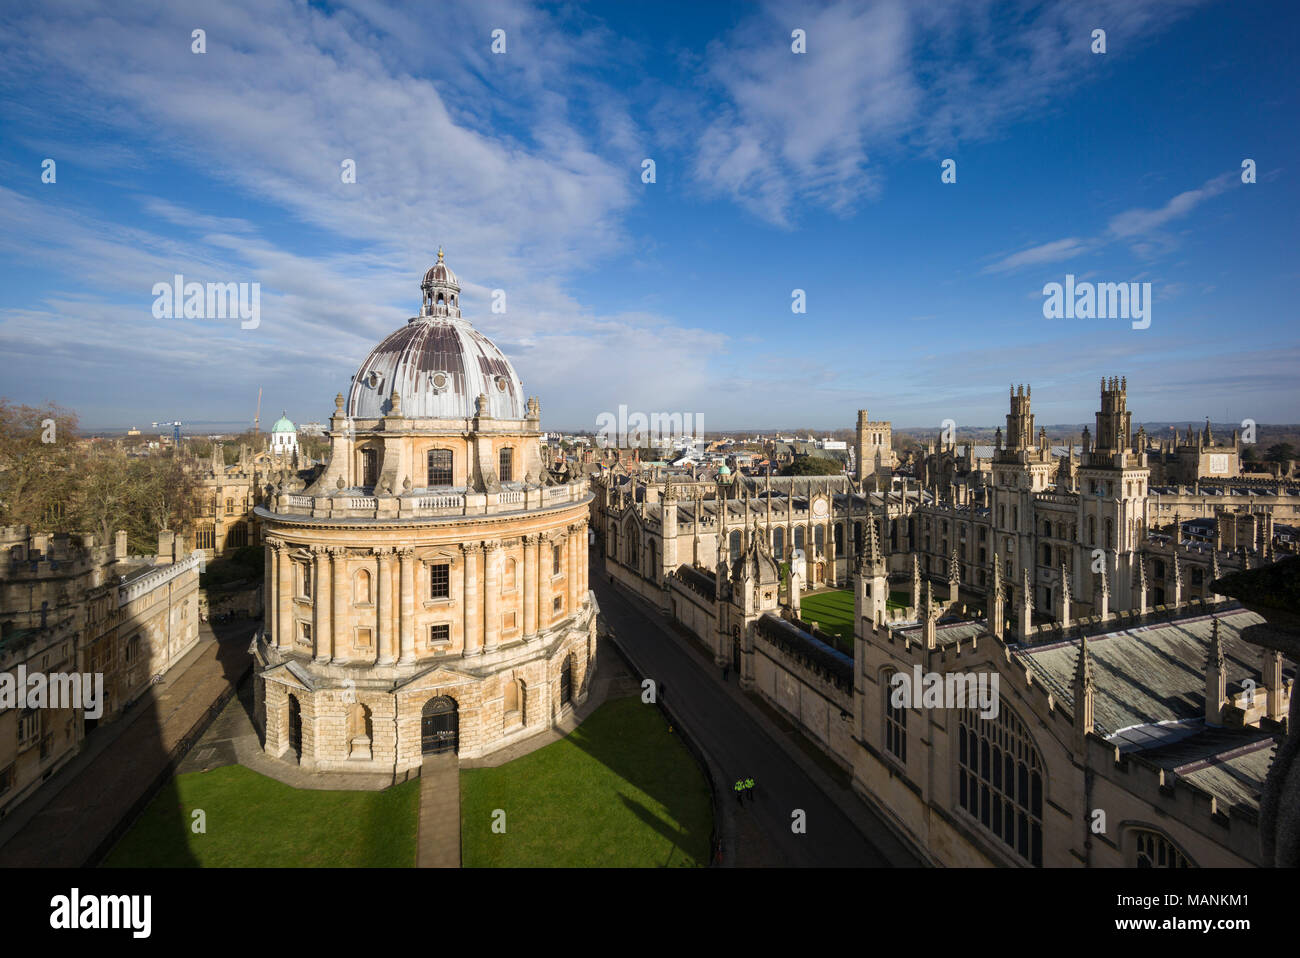 Oxford. In Inghilterra. Vista di Radcliffe Camera, Radcliffe Square con tutte le anime College a destra. Progettato da James Gibbs, costruito 1737-49 per alloggiare il Immagini Stock